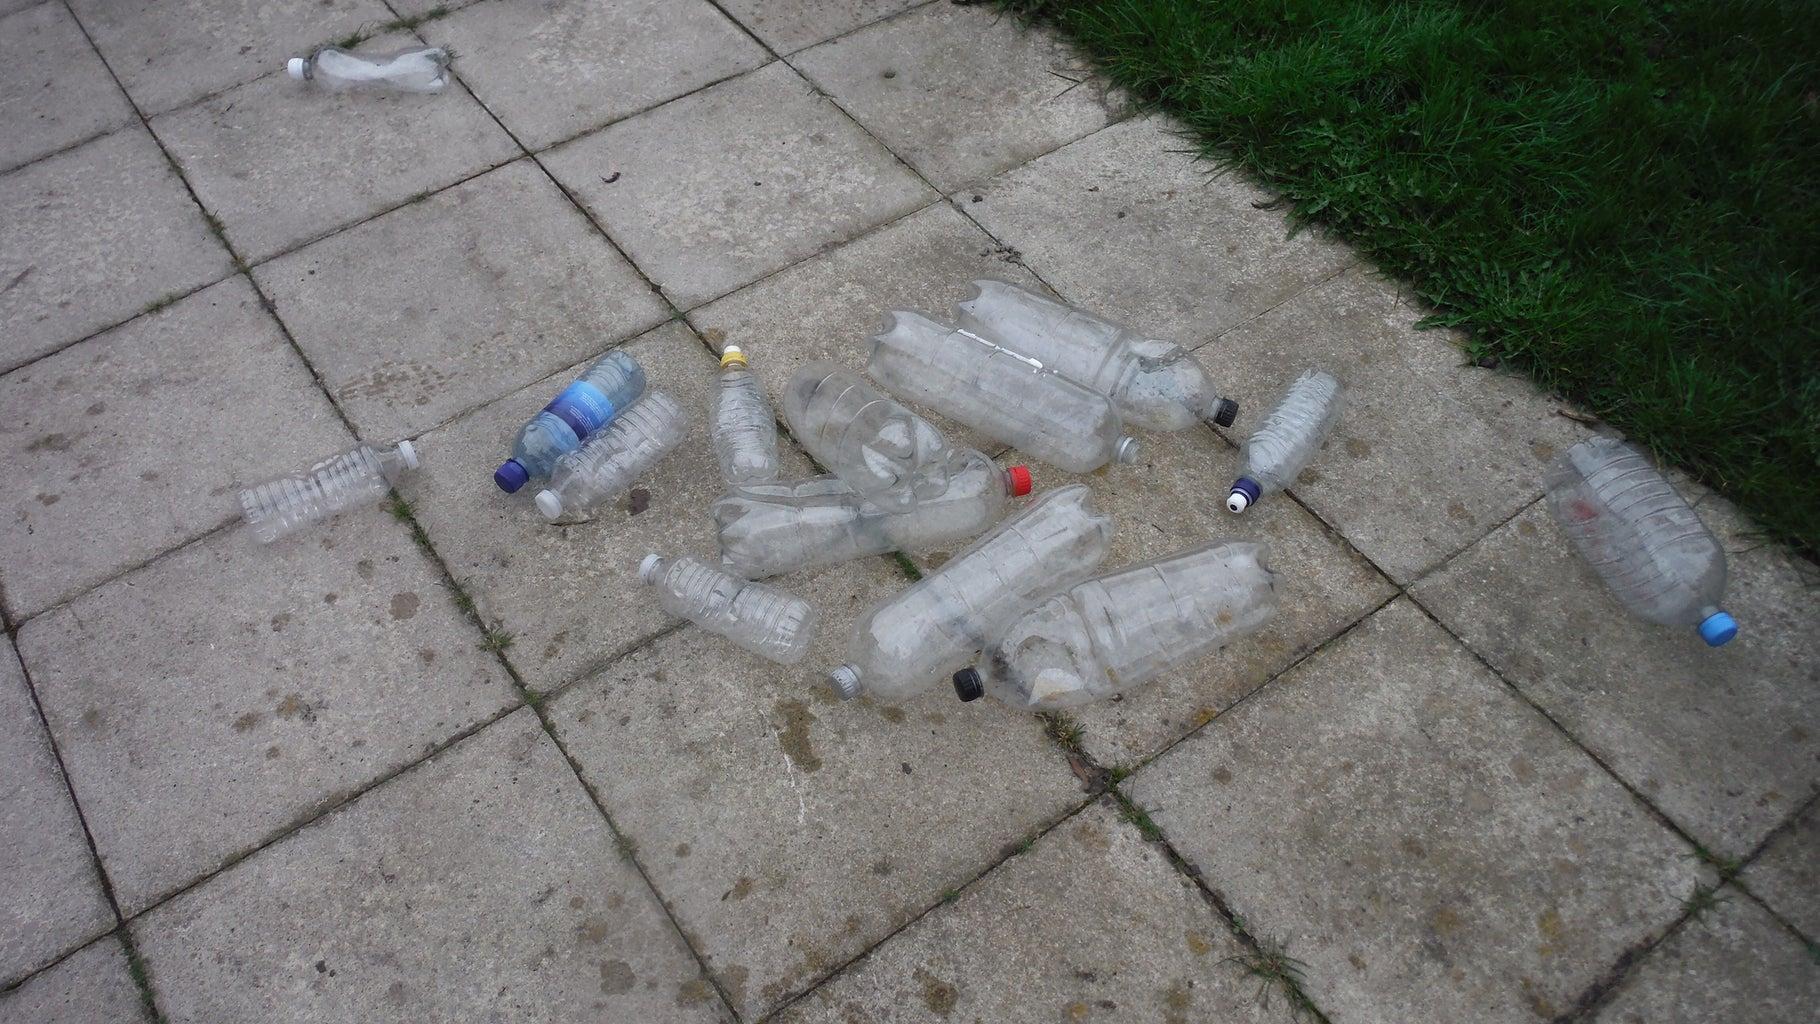 Sticking the Bottles Together